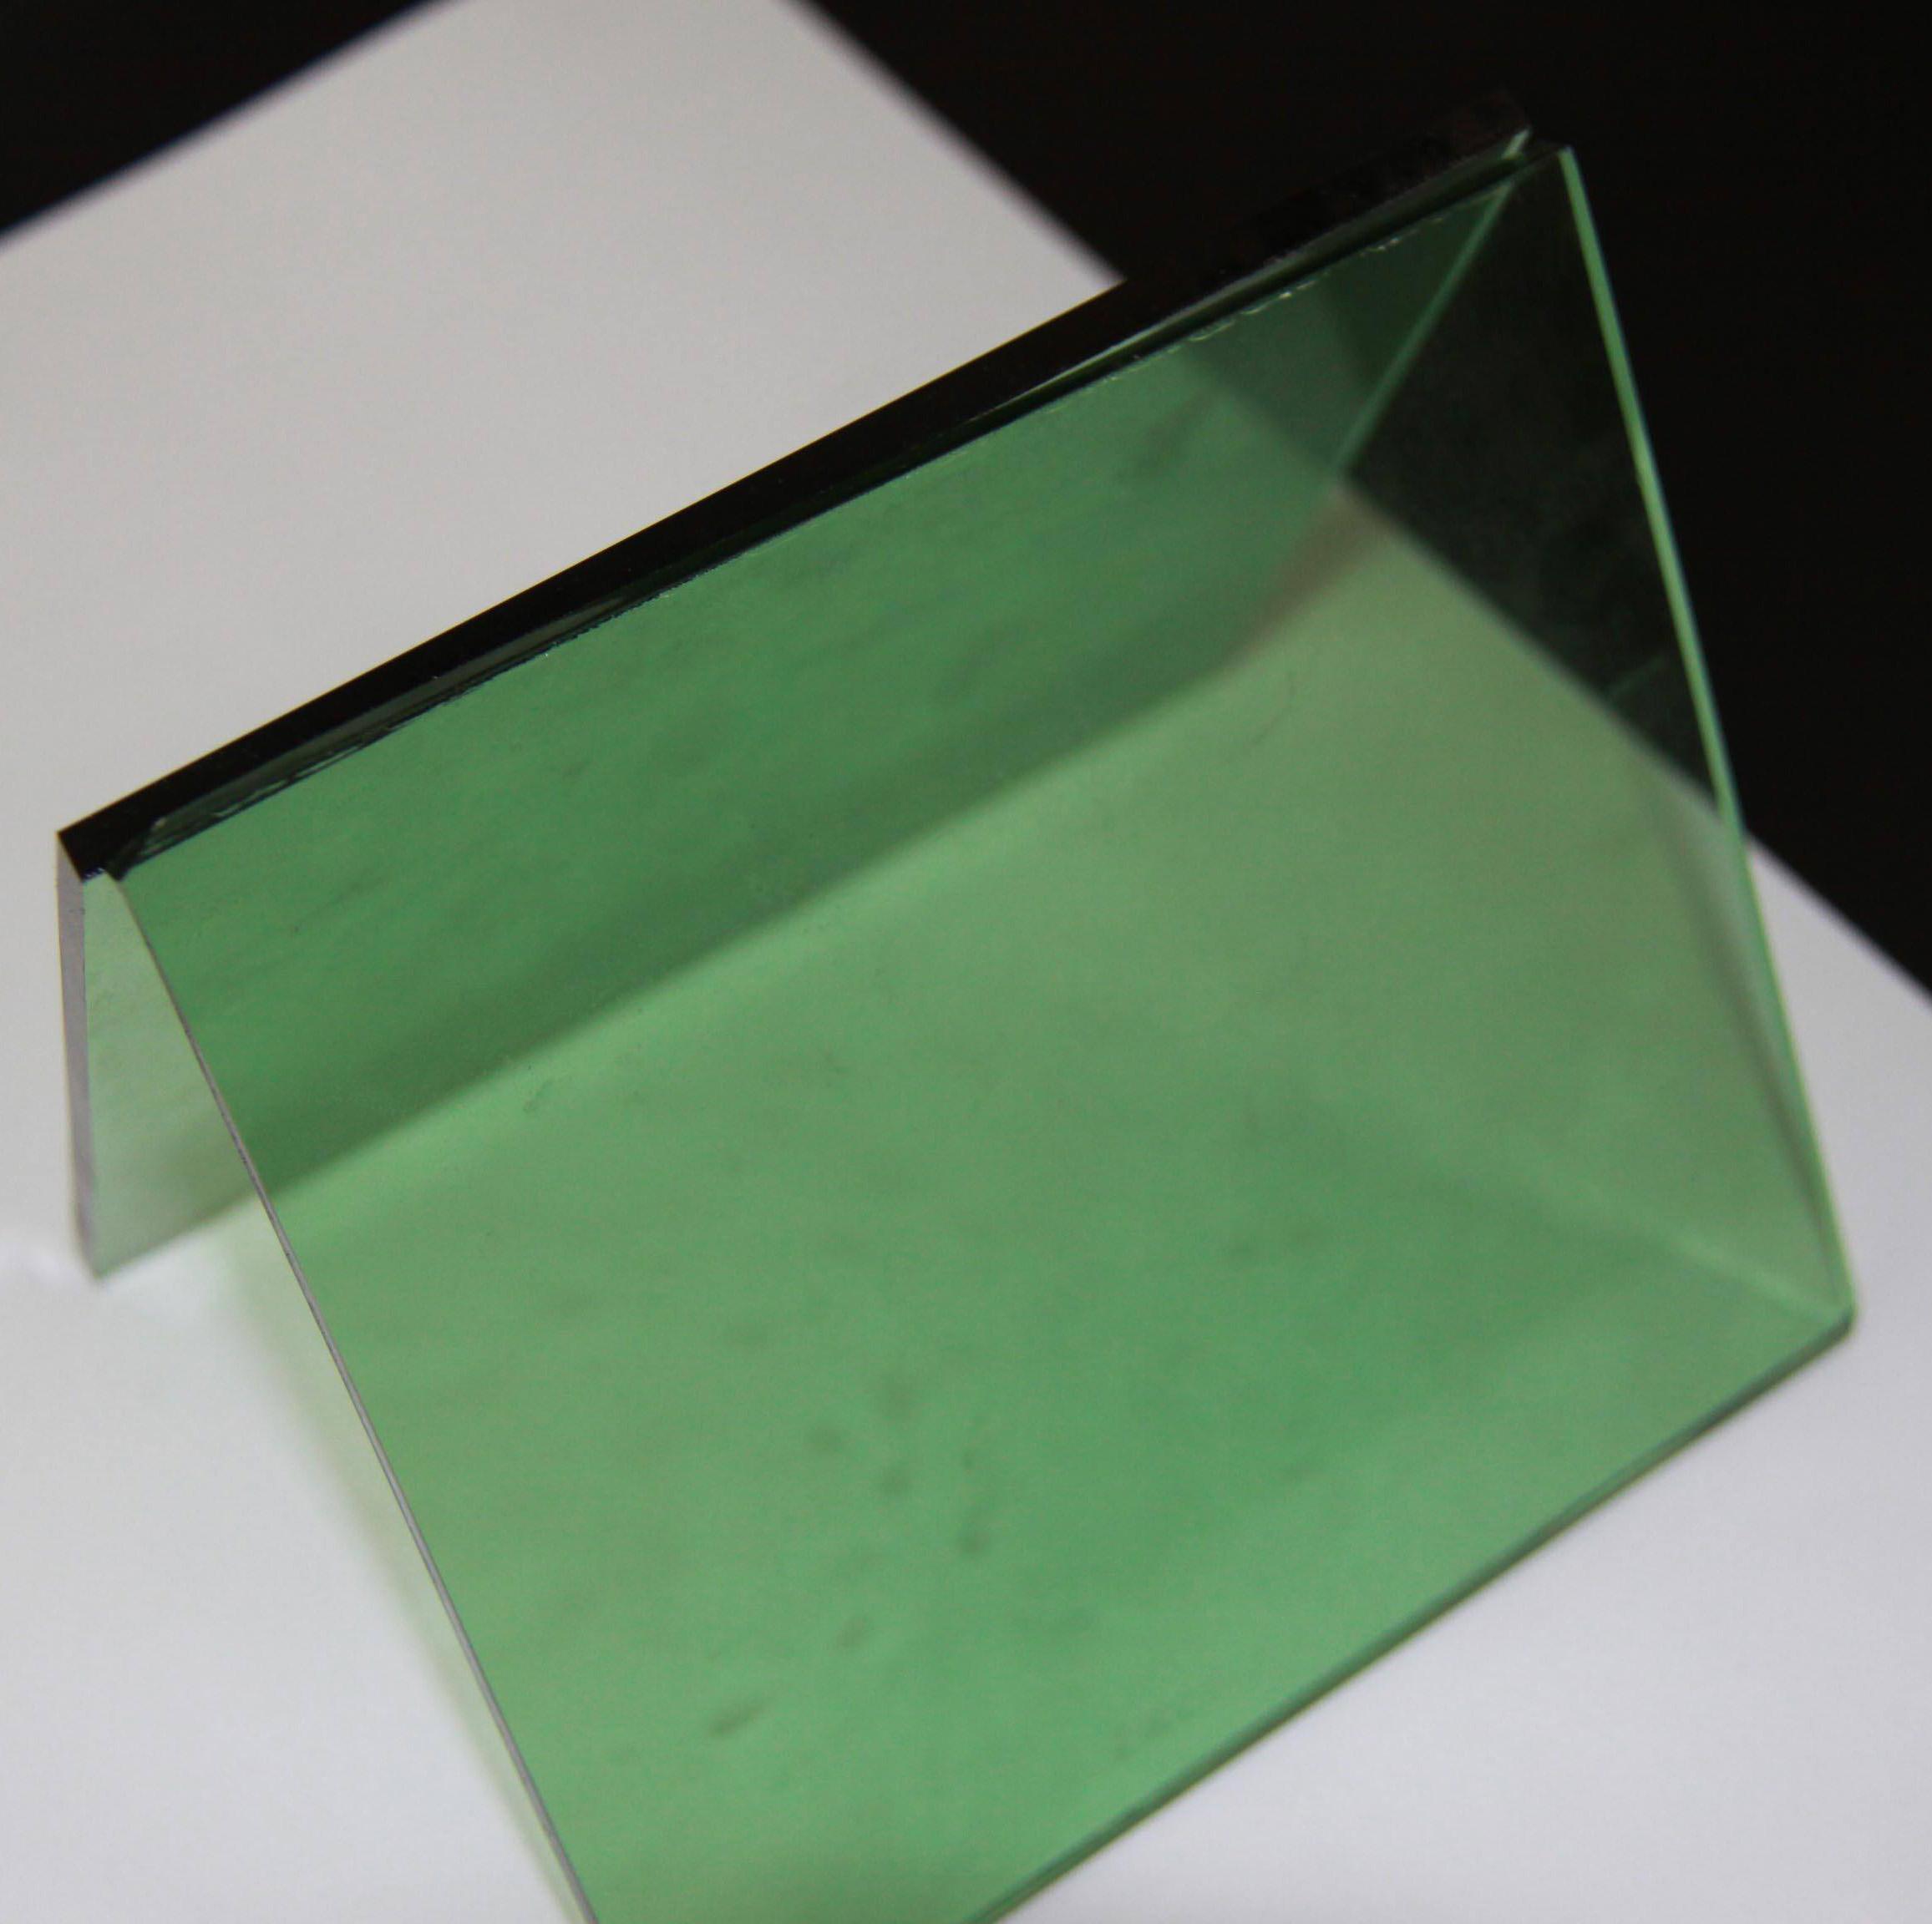 绿玻天津玻璃河北邢台沙河玻璃原片